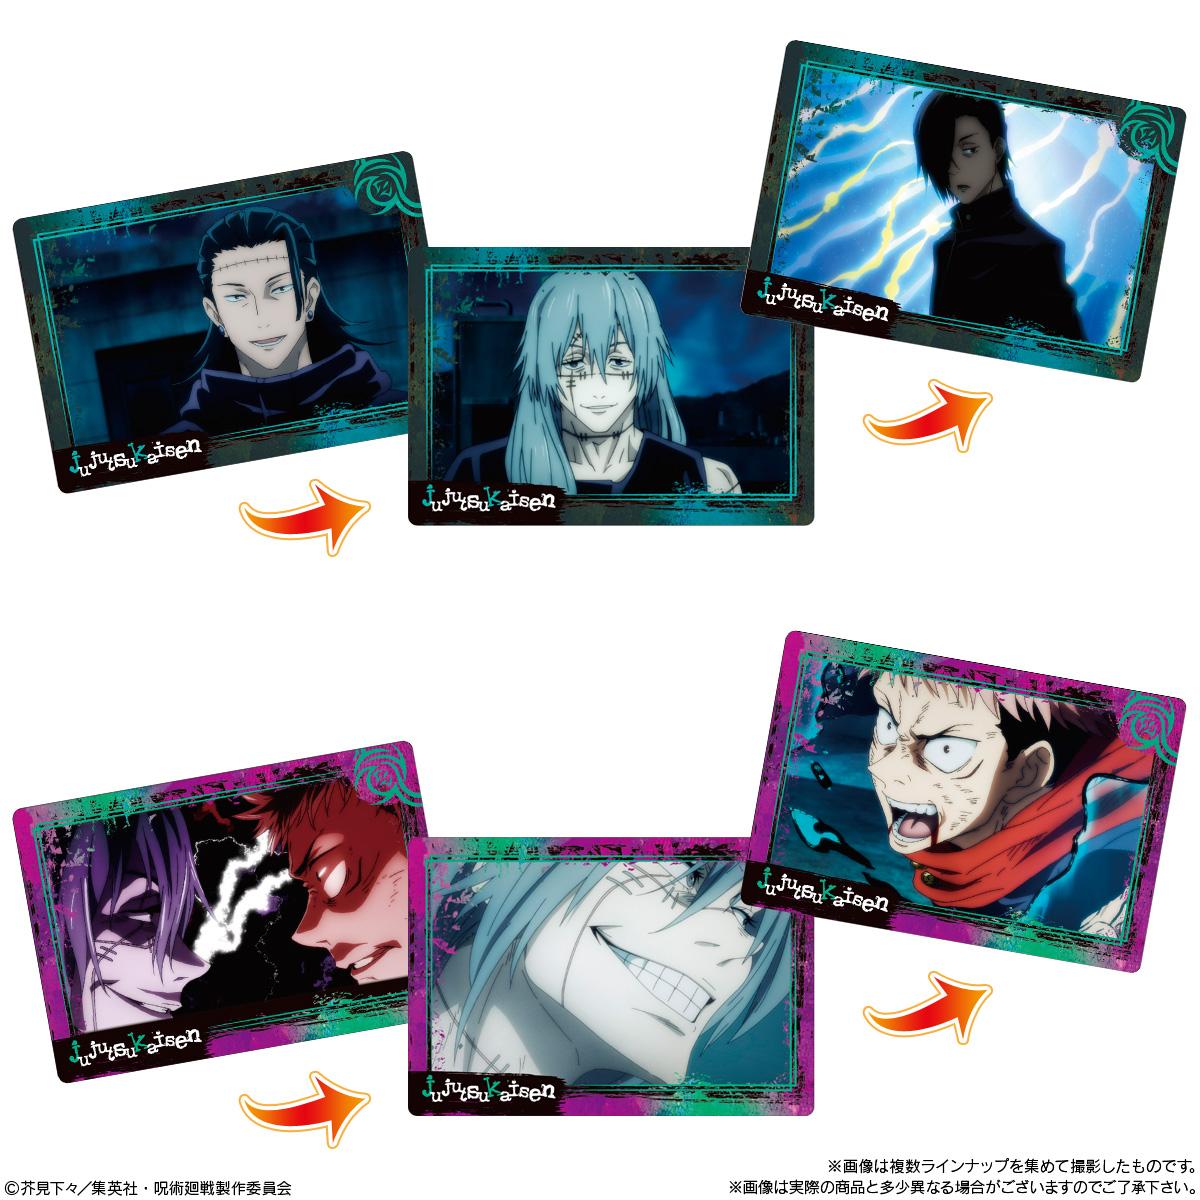 【食玩】呪術廻戦『呪術廻戦 PLAY BACKカードチョコスナック』10個入りBOX-009